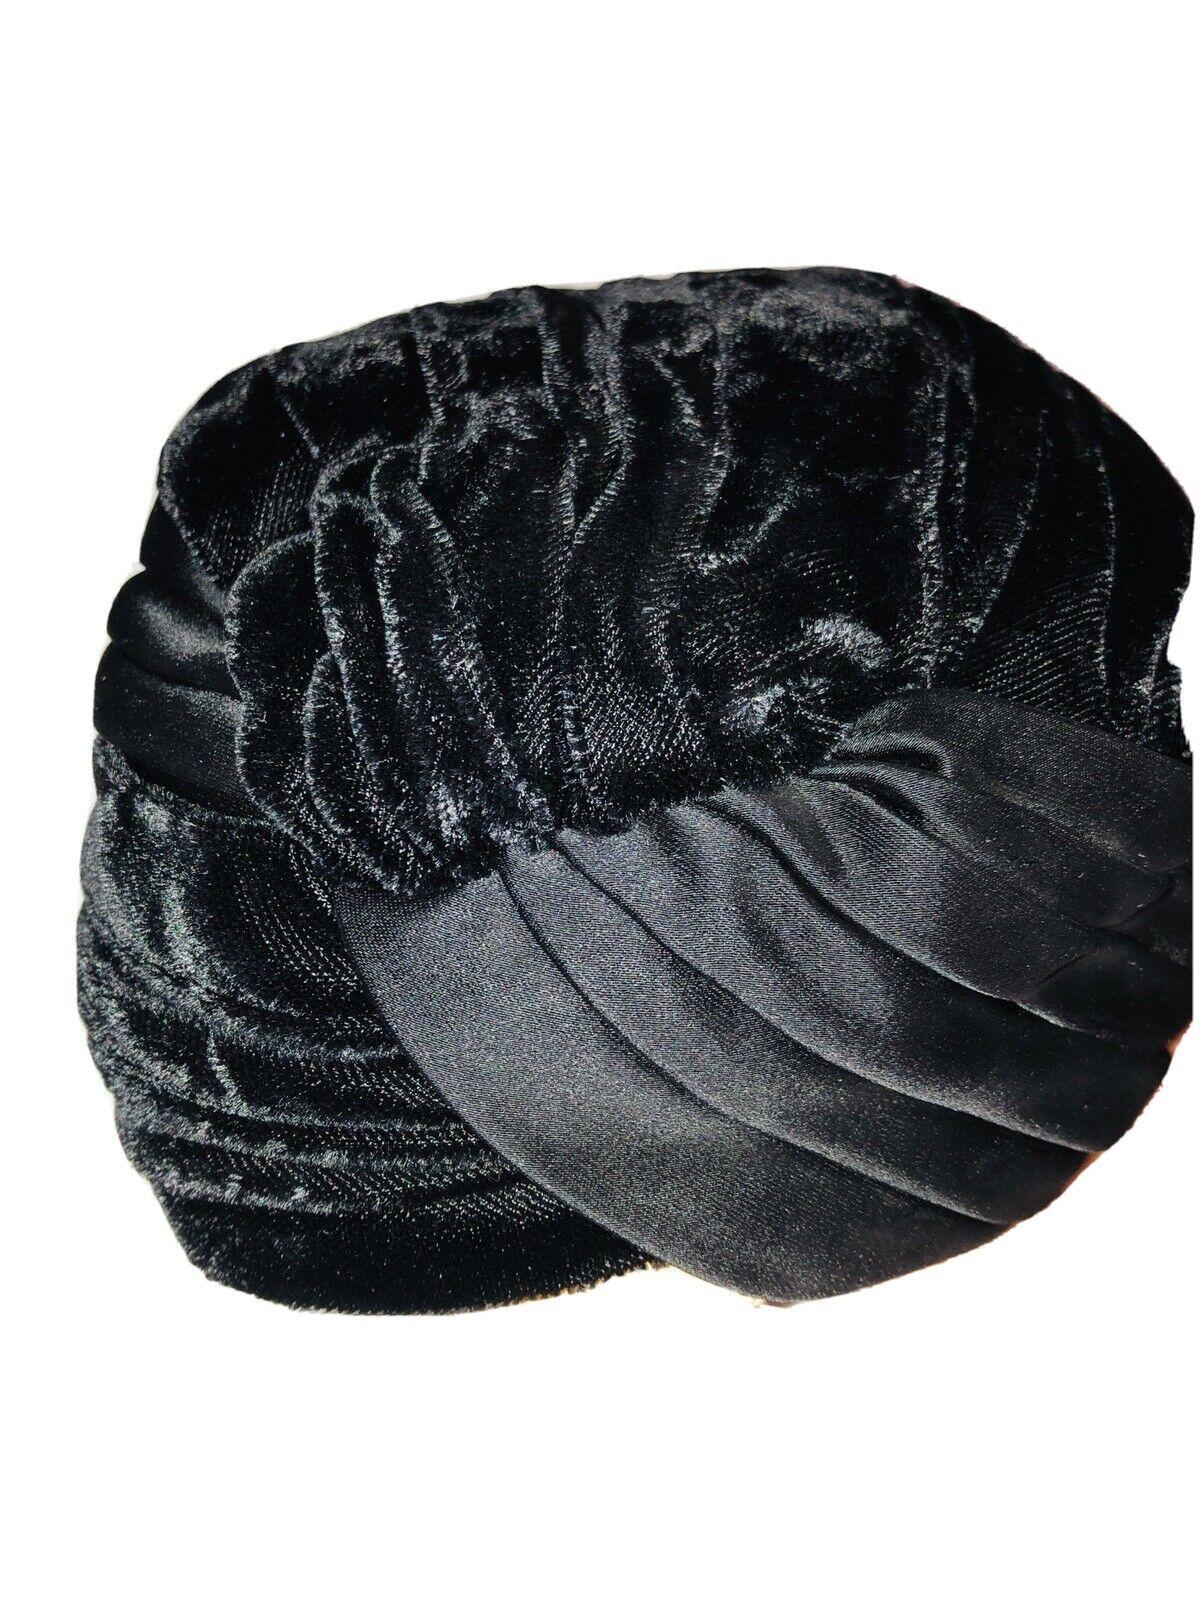 Dutch Vtg 40's 50's Pill Box Style Formal Women's Black Hat Simons Netherlands